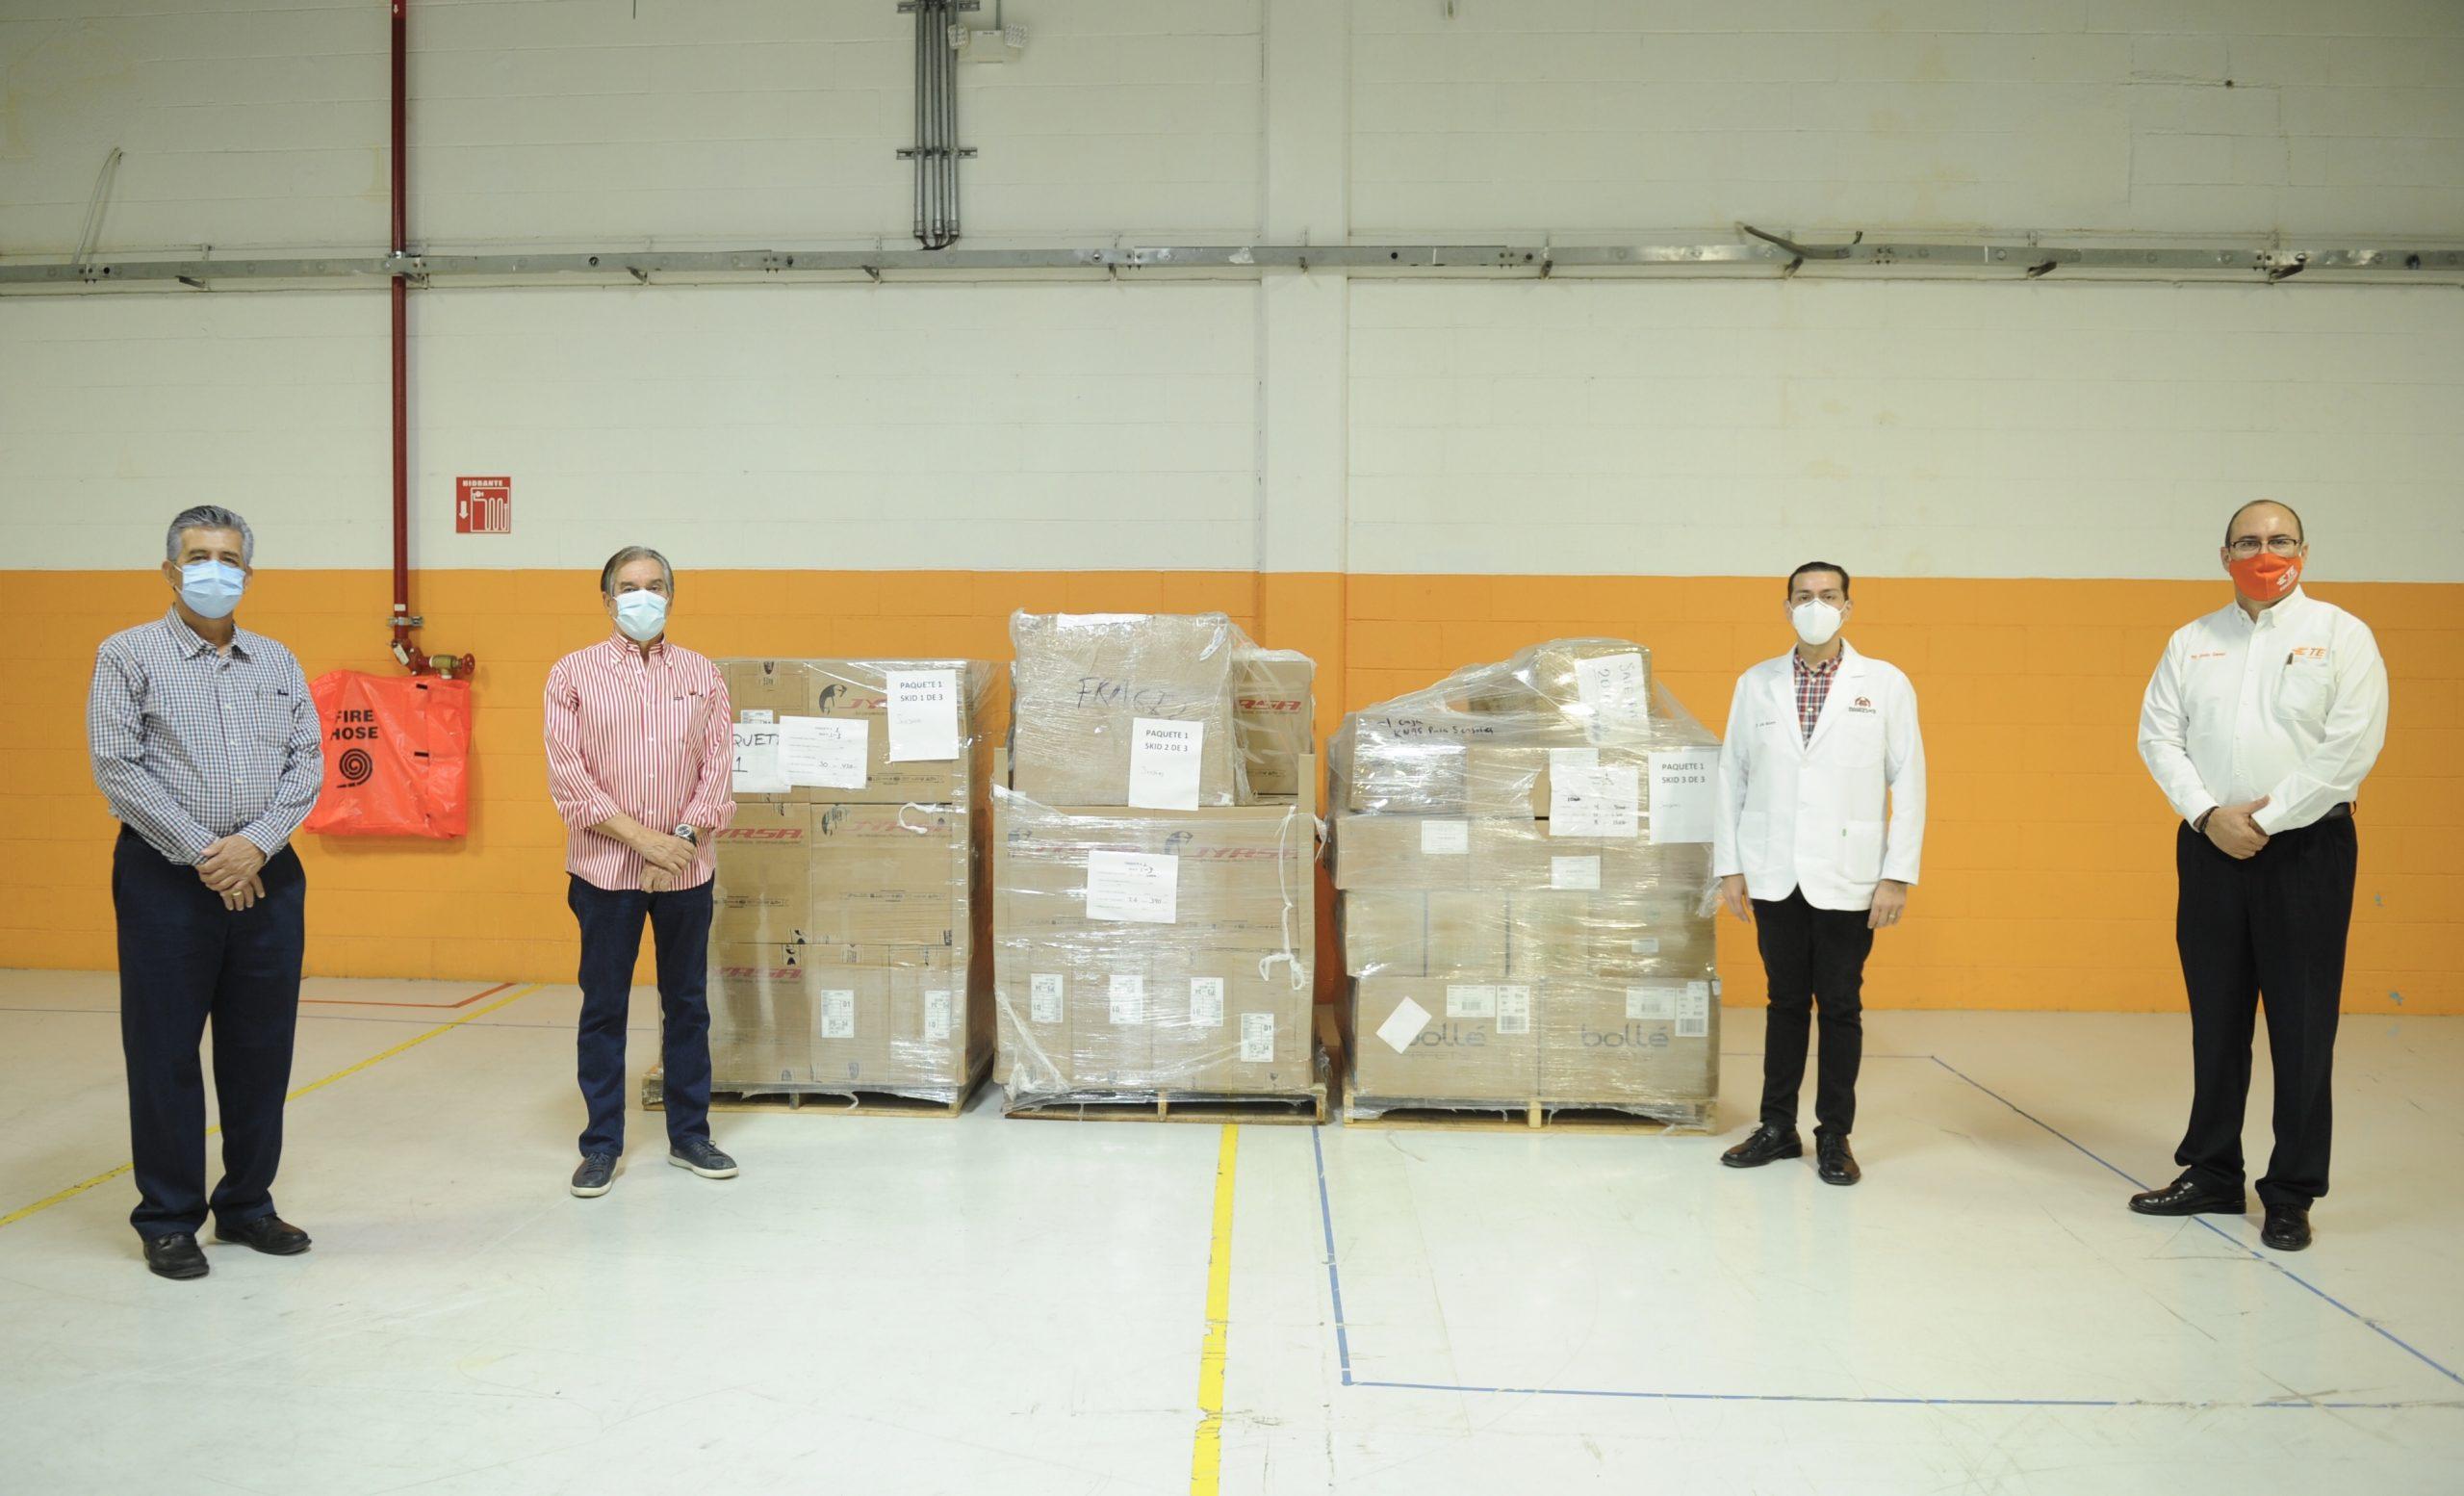 Dona TE Connectivity equipo médico a cinco hospitales de Hermosillo